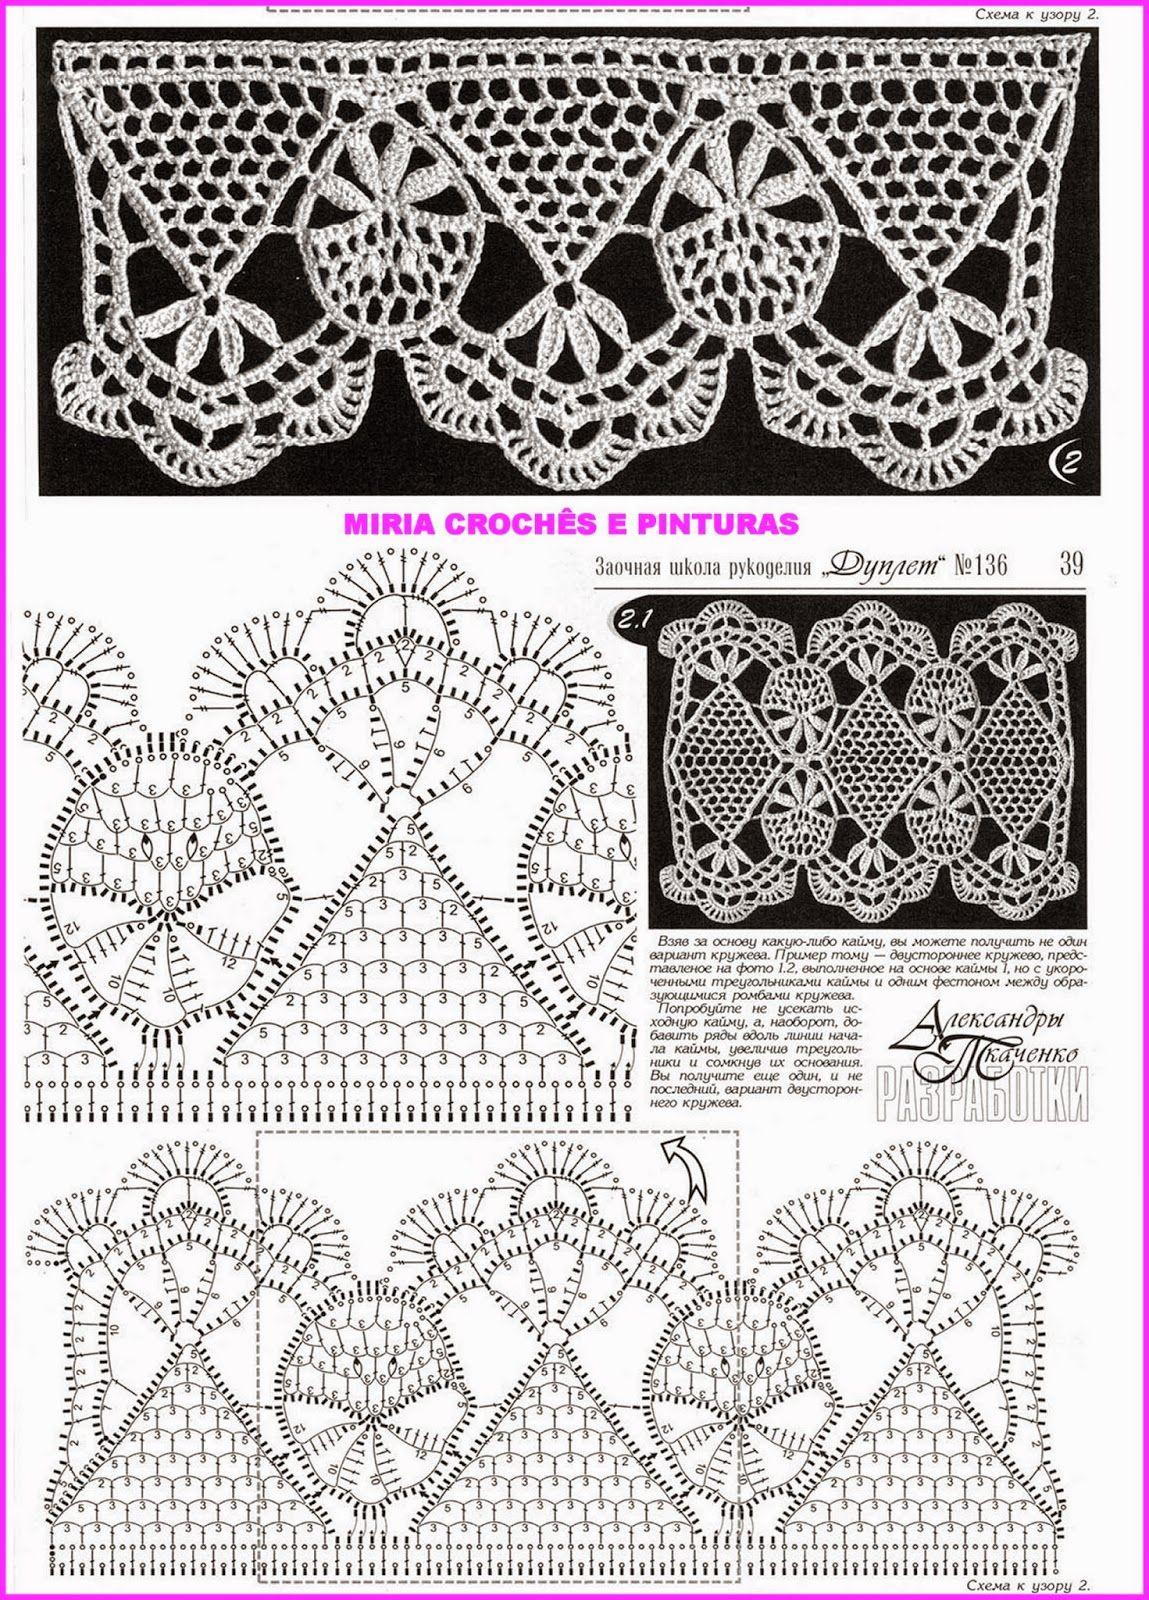 Image2.jpg 1,149×1,600 pixels | Crochet | Pinterest | Ganchillo ...